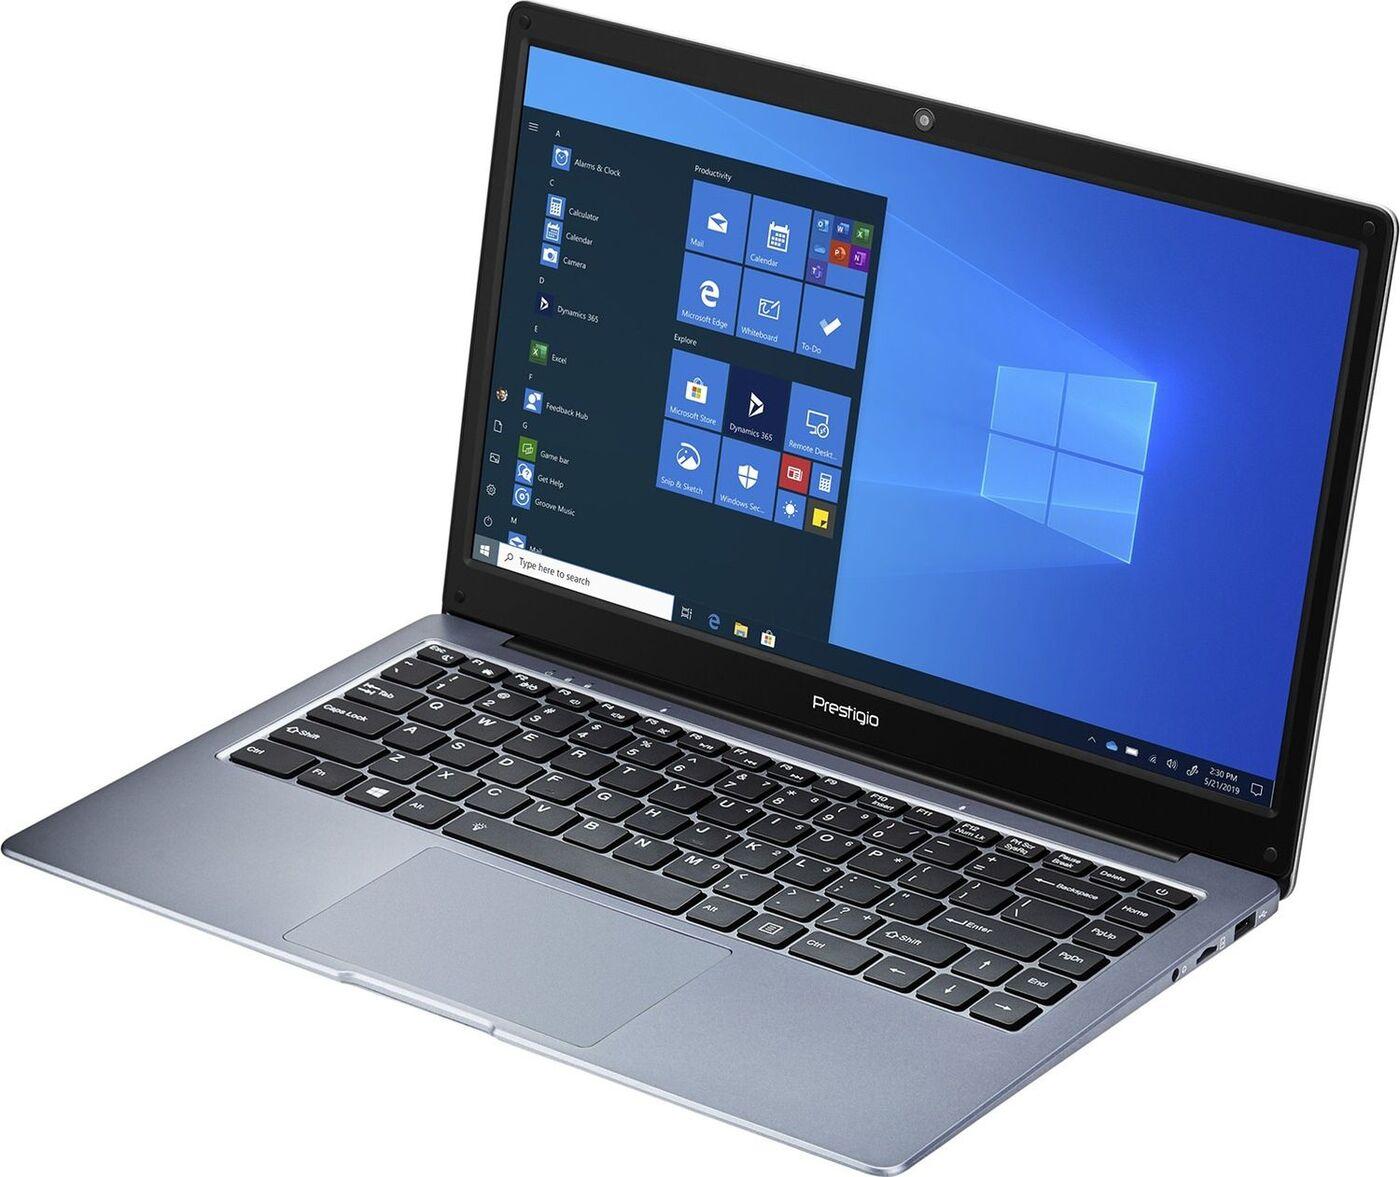 """14.1"""" ноутбук prestigio smartbook 141 c4, amd a4-9120e (1.5 ггц), ram4 гб 64 гб radeon r3, (psb141c04cgp_dg_cis), темно-серый. уцененный товар"""